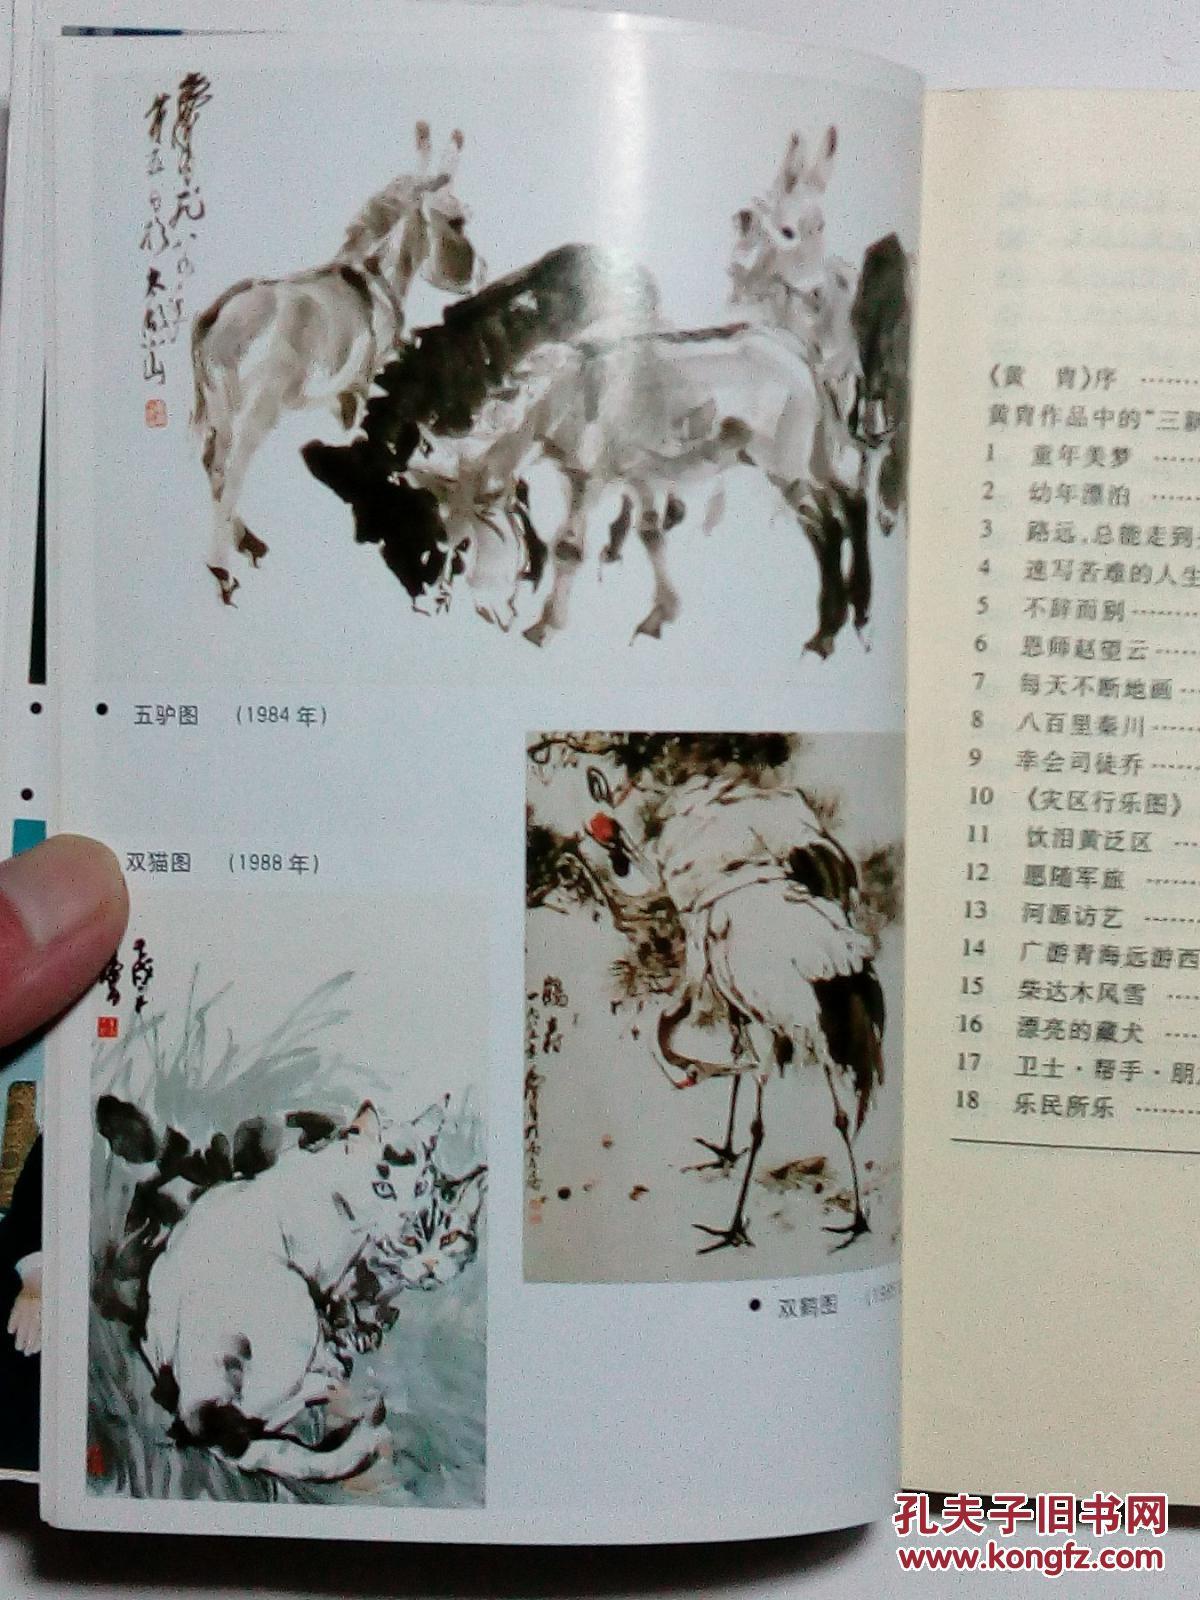 【图】画家黄胄_价格:10图片